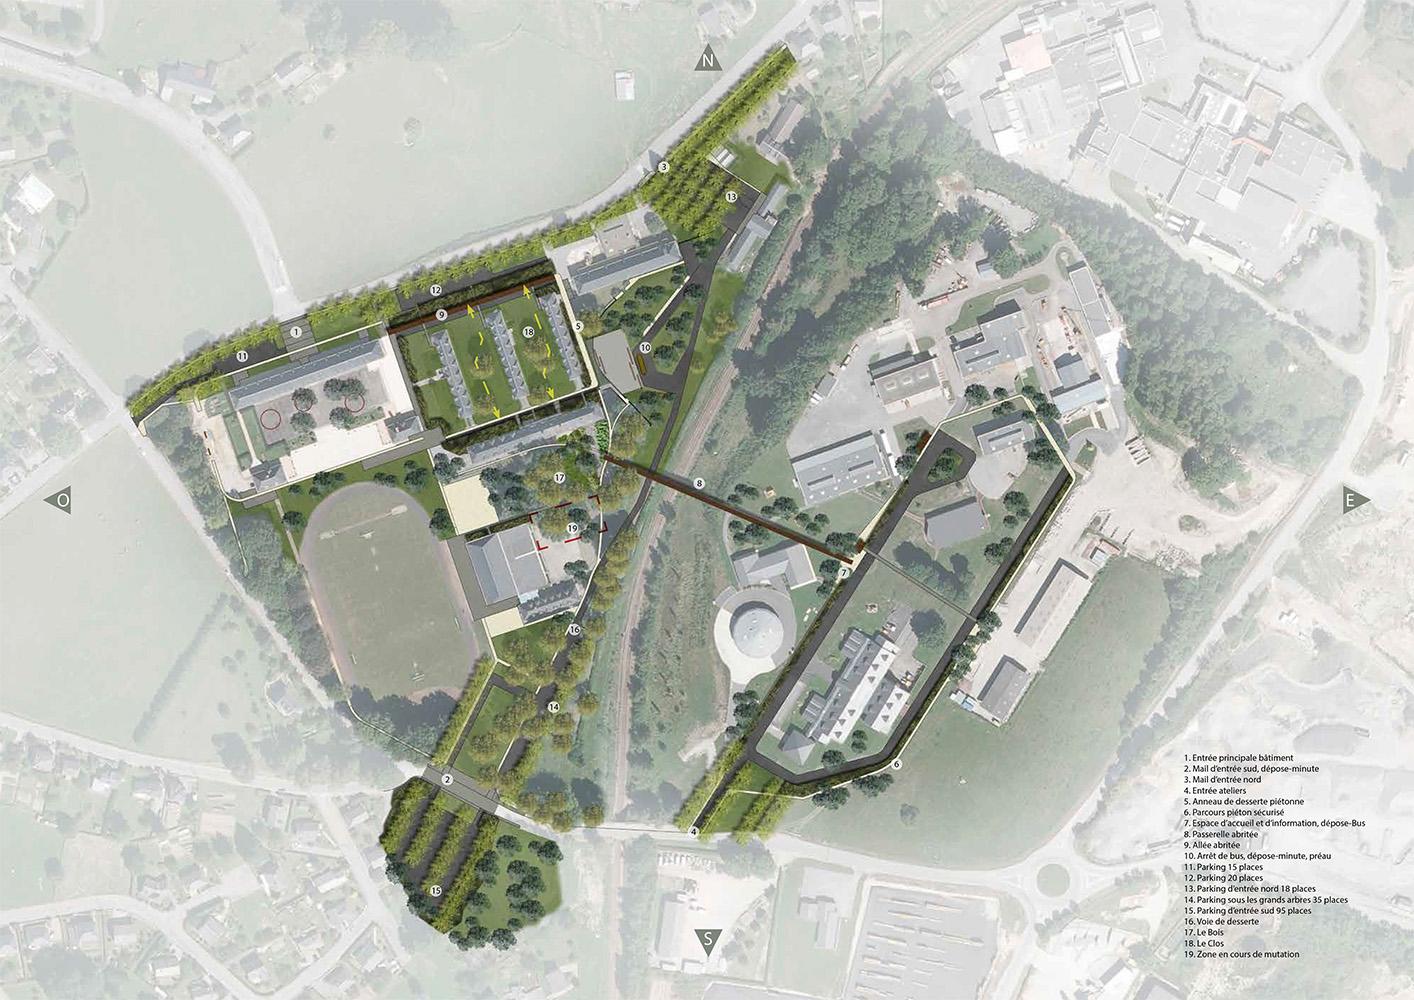 Les vues les façades urbaines les accès et les cheminements sont redéfinis dans lobjectif de mettre en valeur le patrimoine du site et de répondre aux